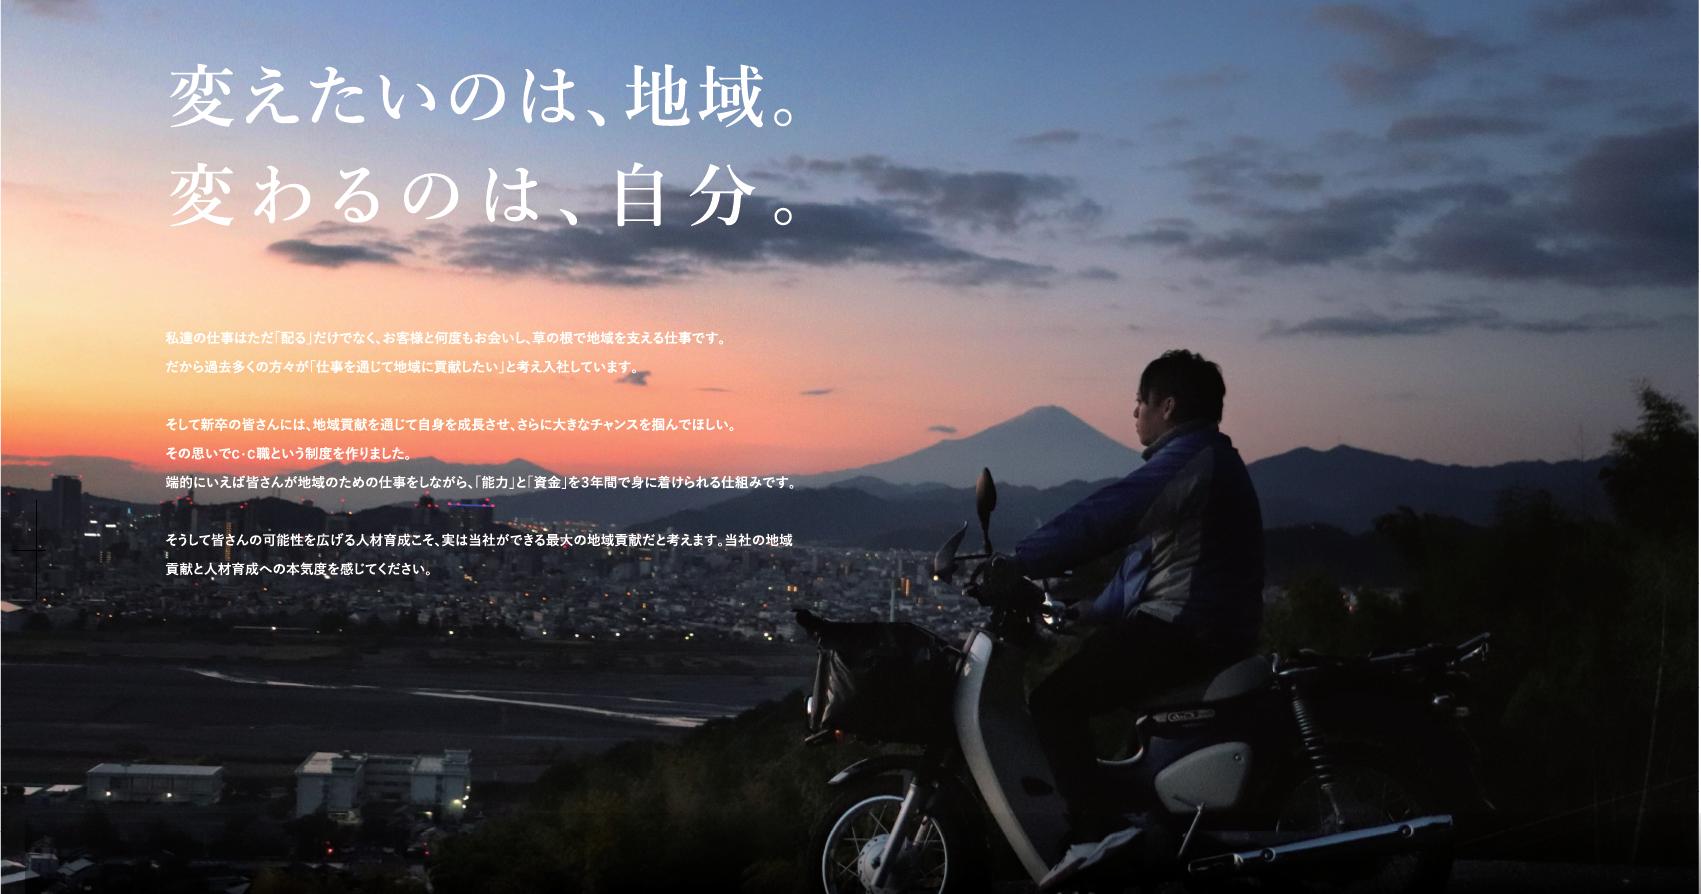 はじめまして。江﨑新聞店です。